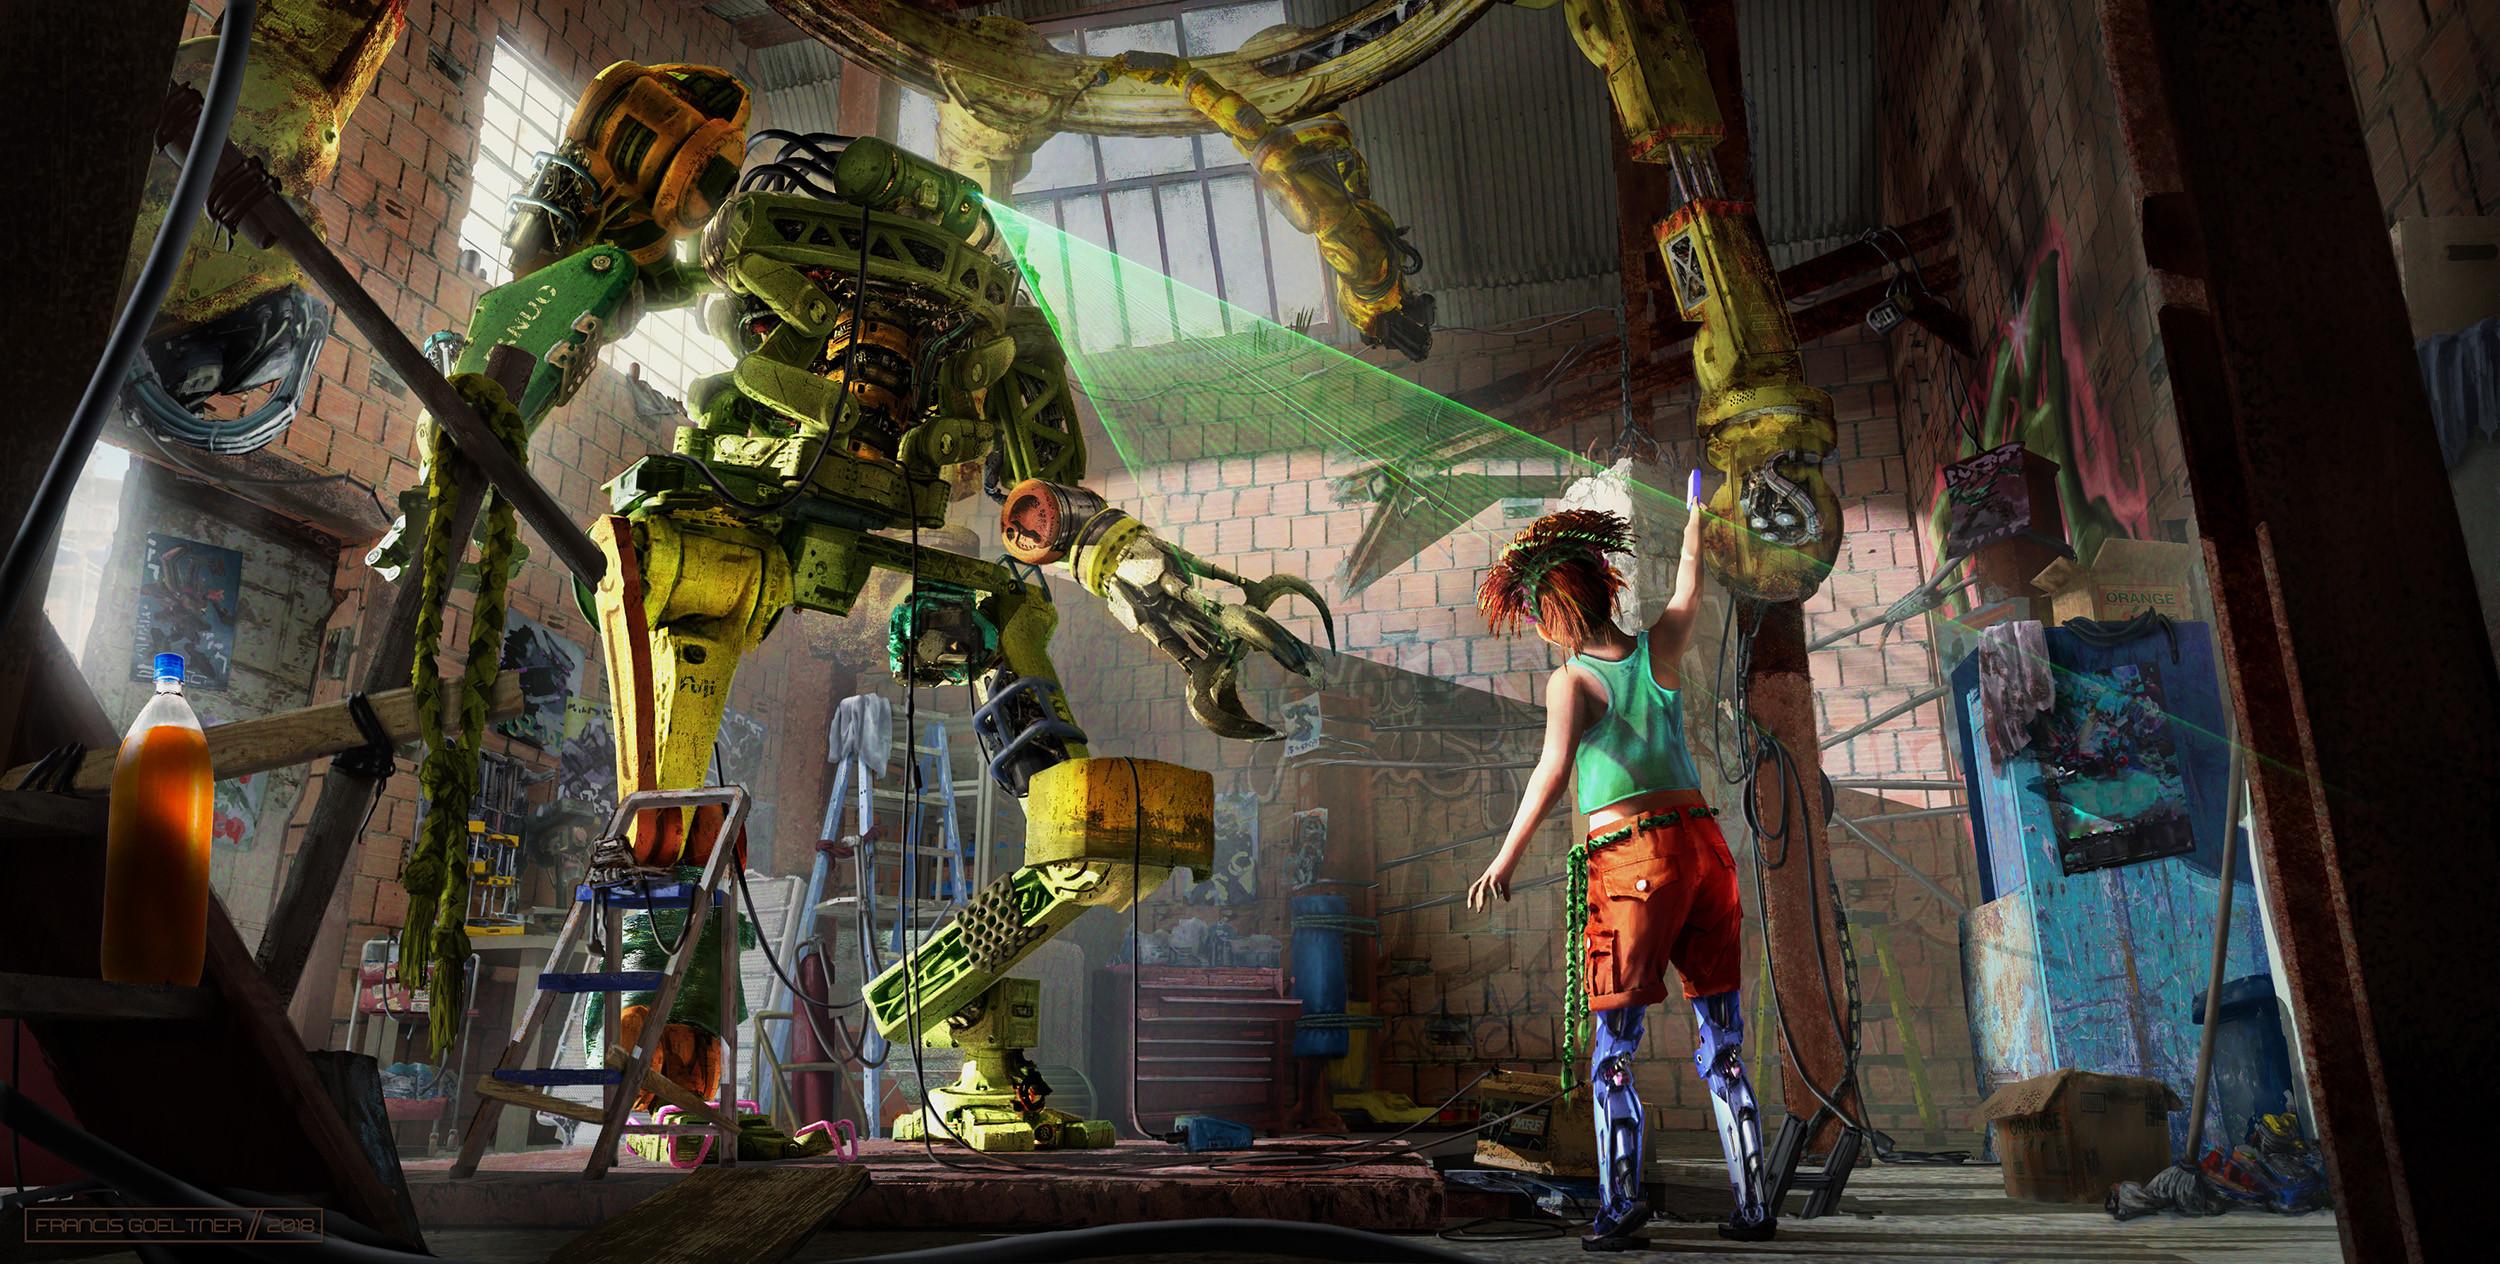 Gael's Robot Workshop - Interior